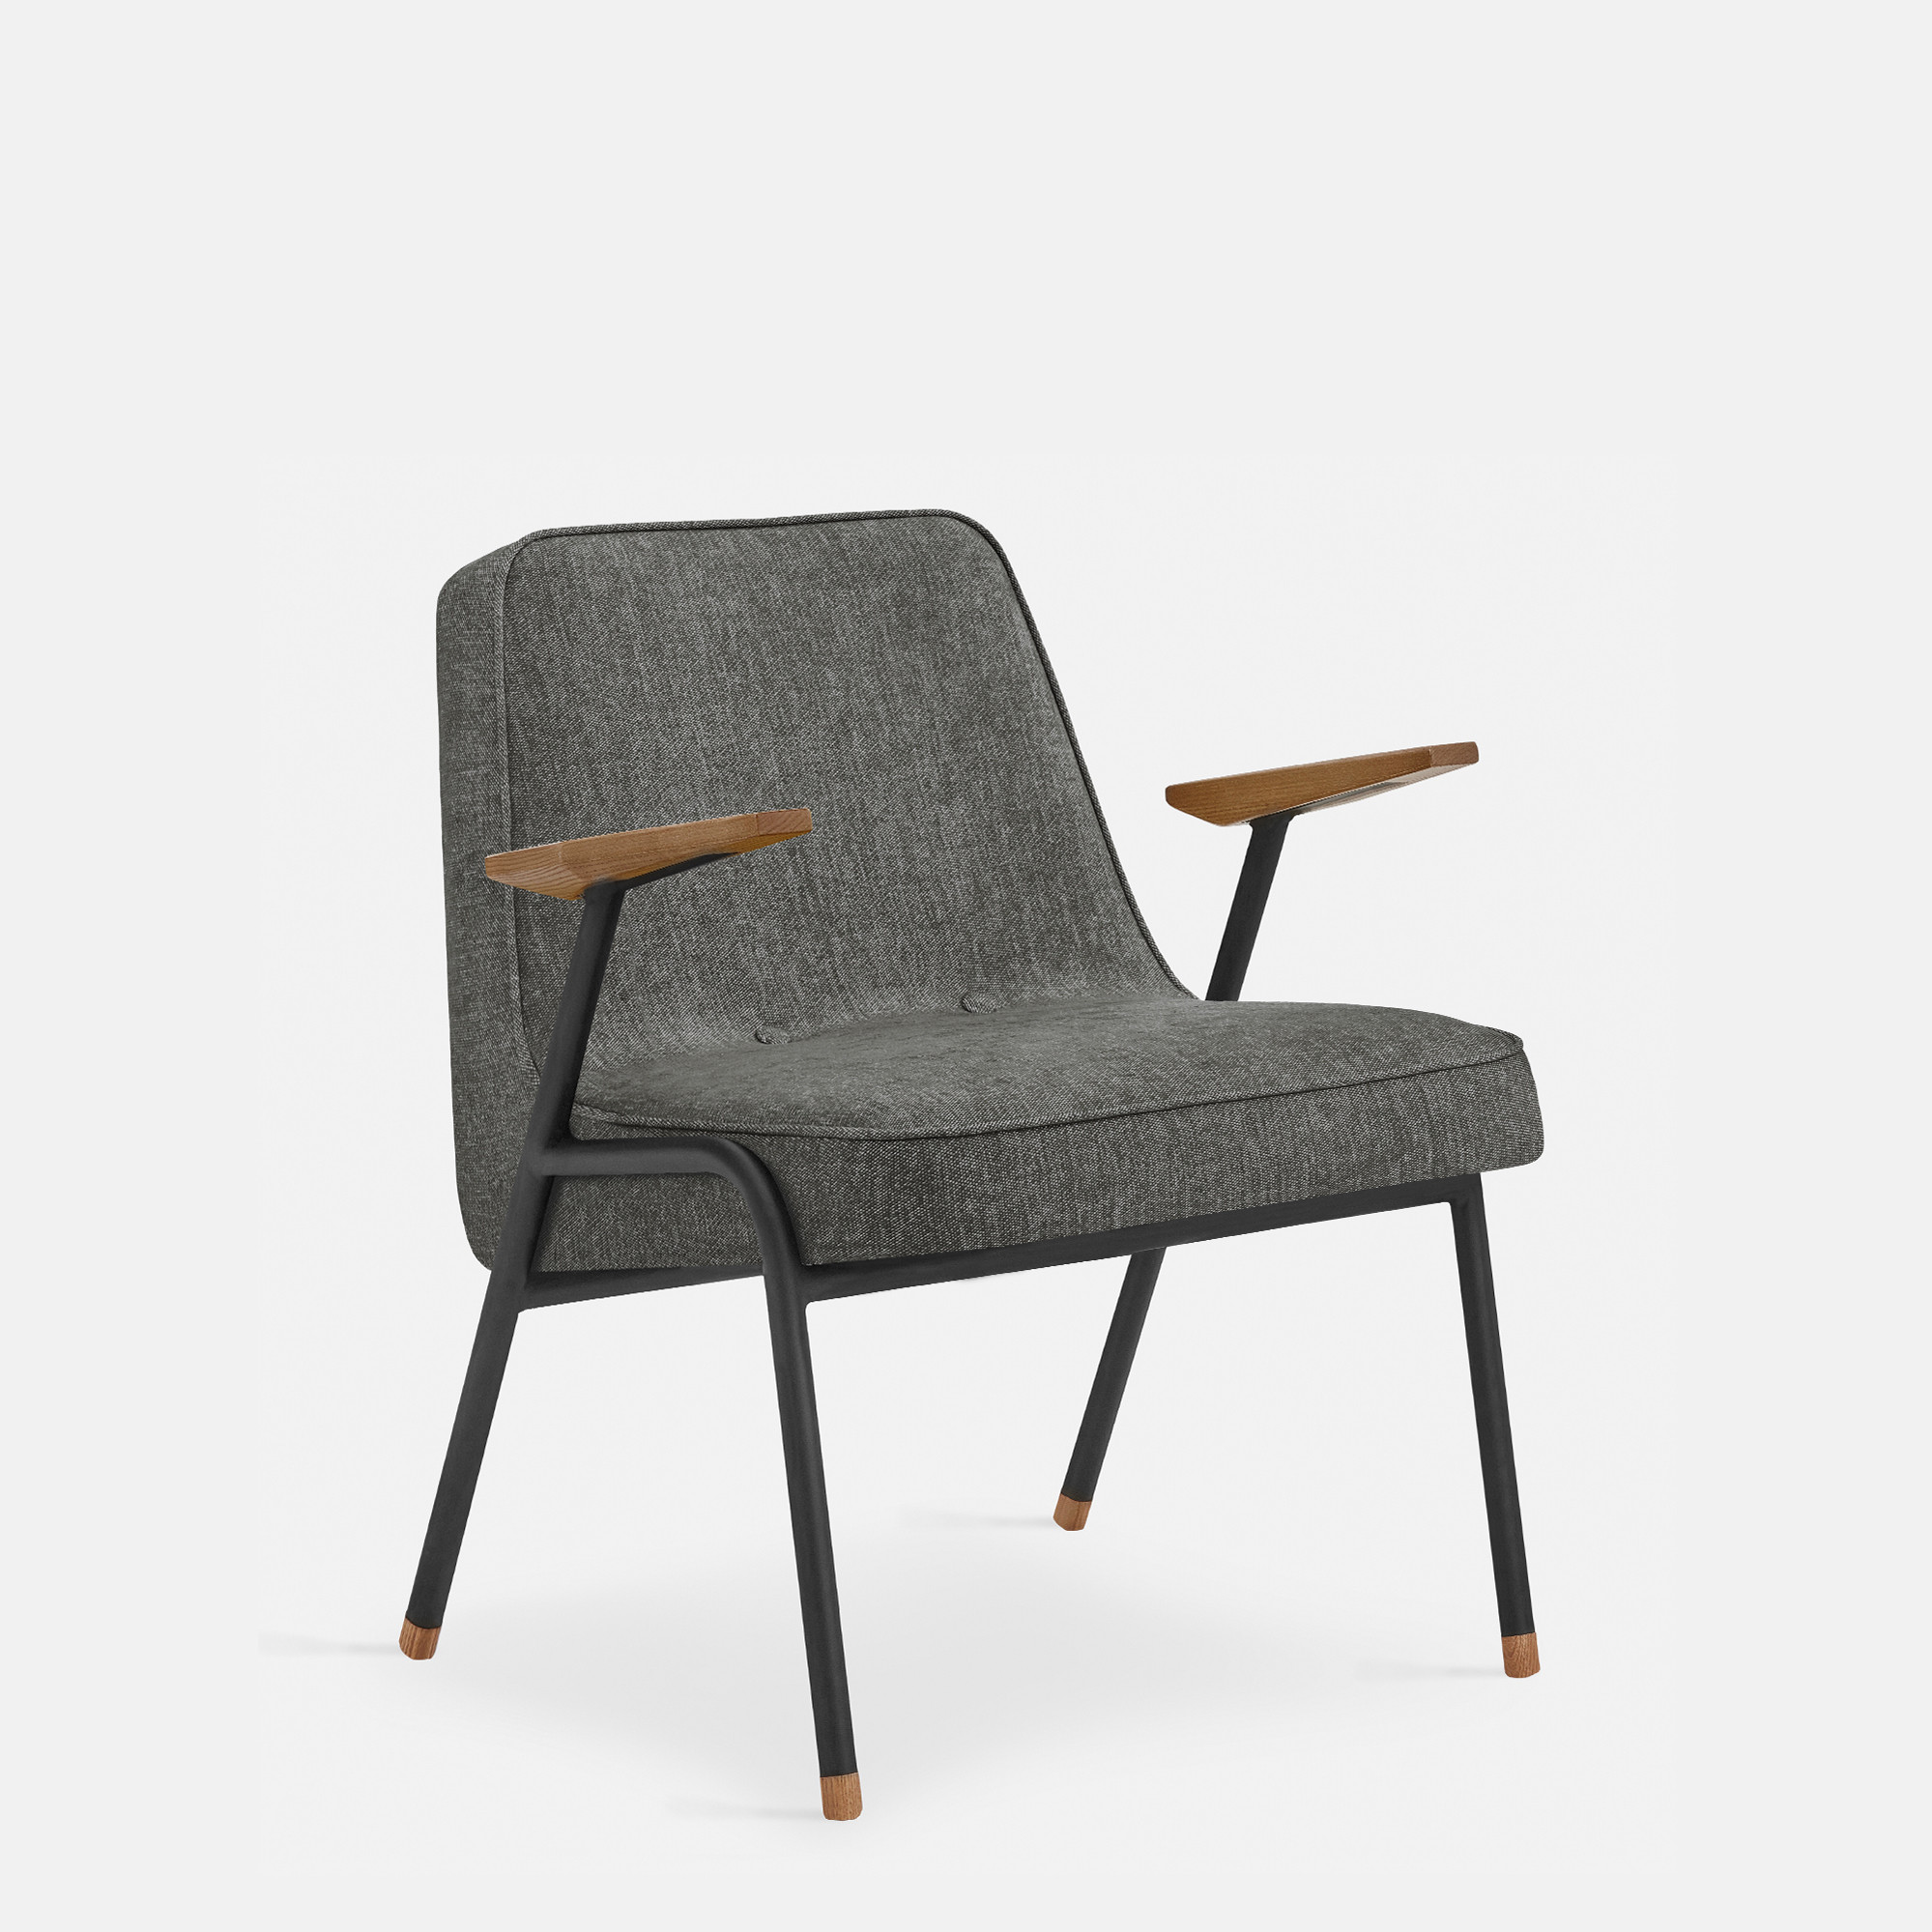 Sessel 366 Metall & Loft   Mattschwarz / Grau